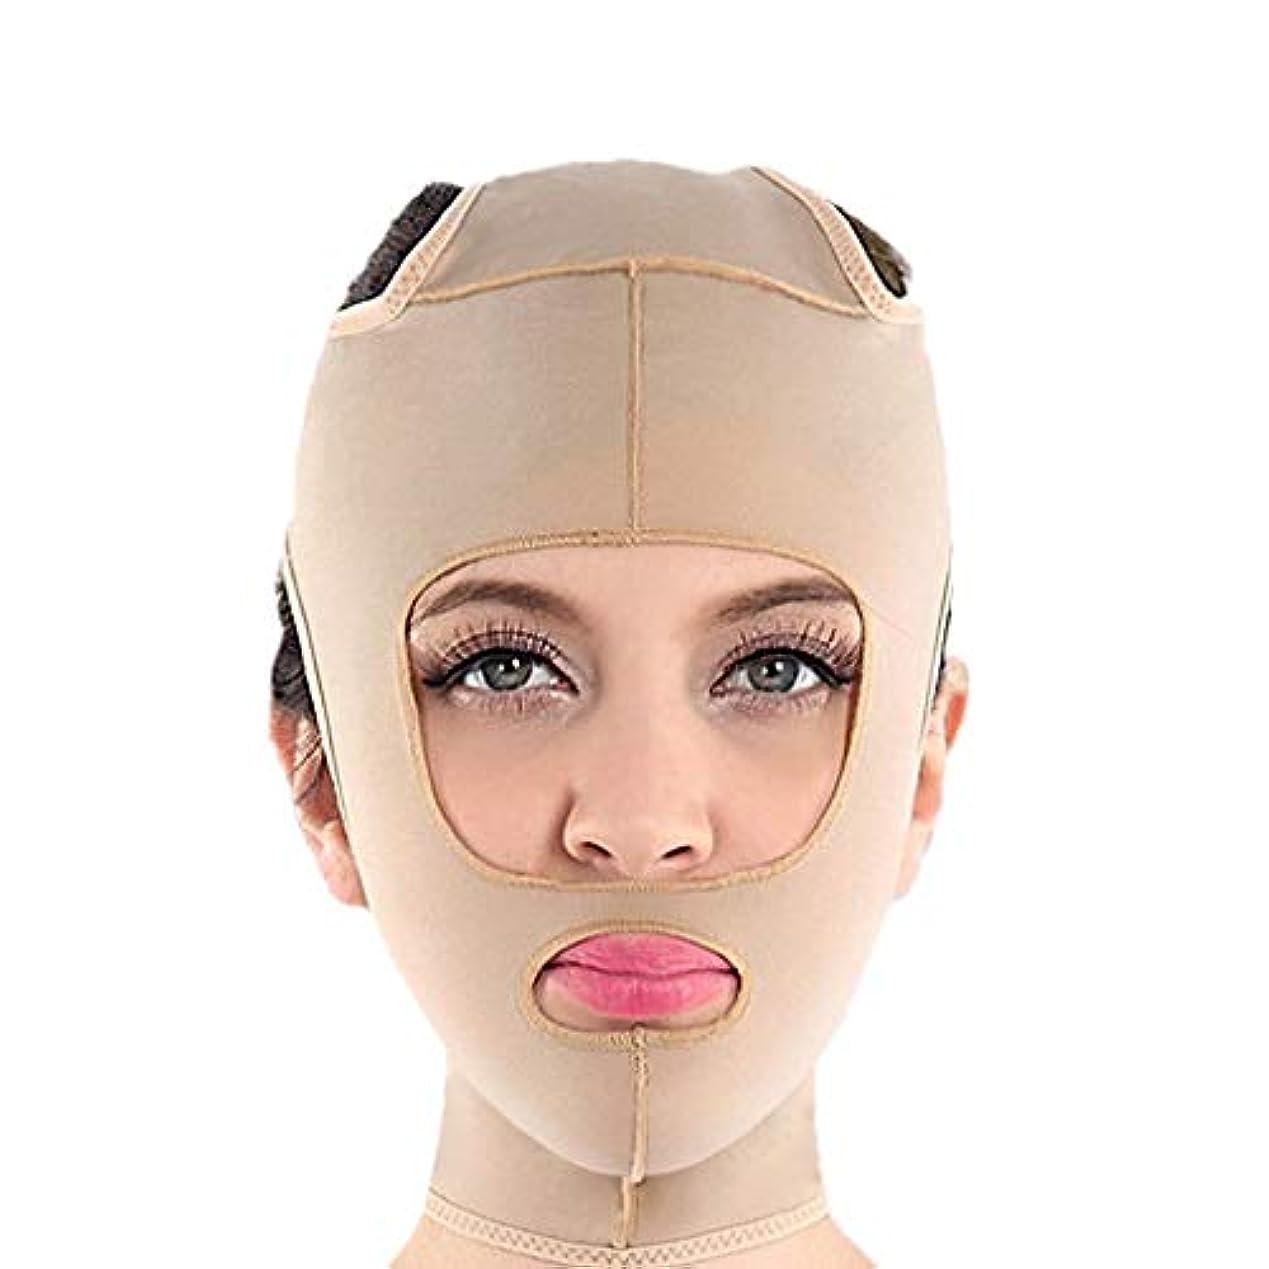 化学薬品共和党高度なフェイスリフティング、ダブルチンストラップ、フェイシャル減量マスク、ダブルチンを減らすリフティングヌードル、ファーミングフェイス、パワフルリフティングマスク(サイズ:M),ザ?